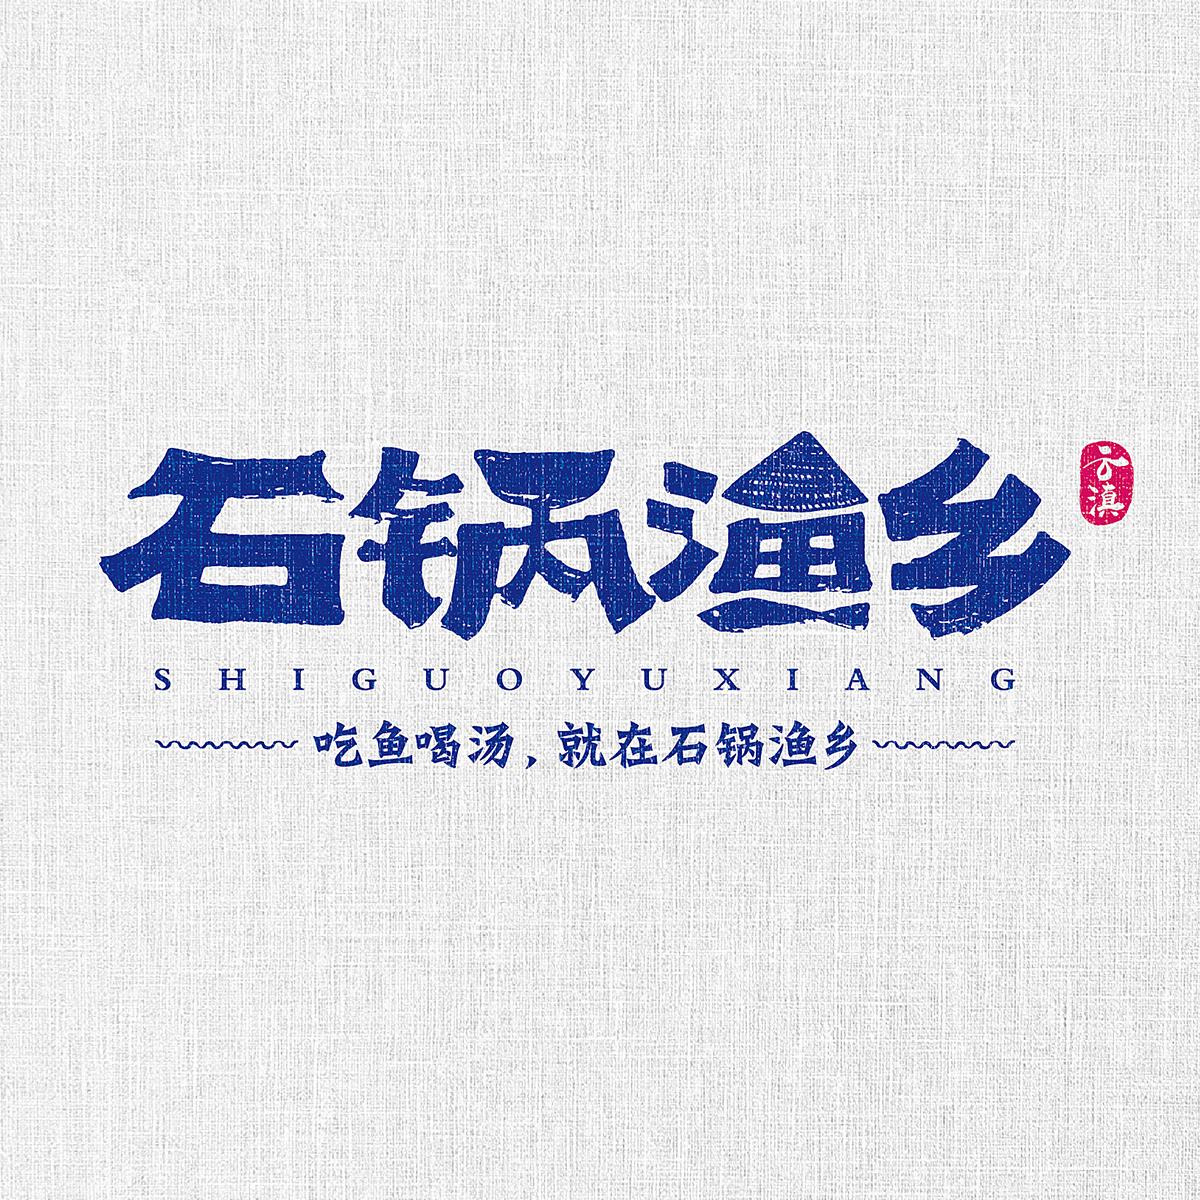 石鍋漁鄉餐飲品牌策劃